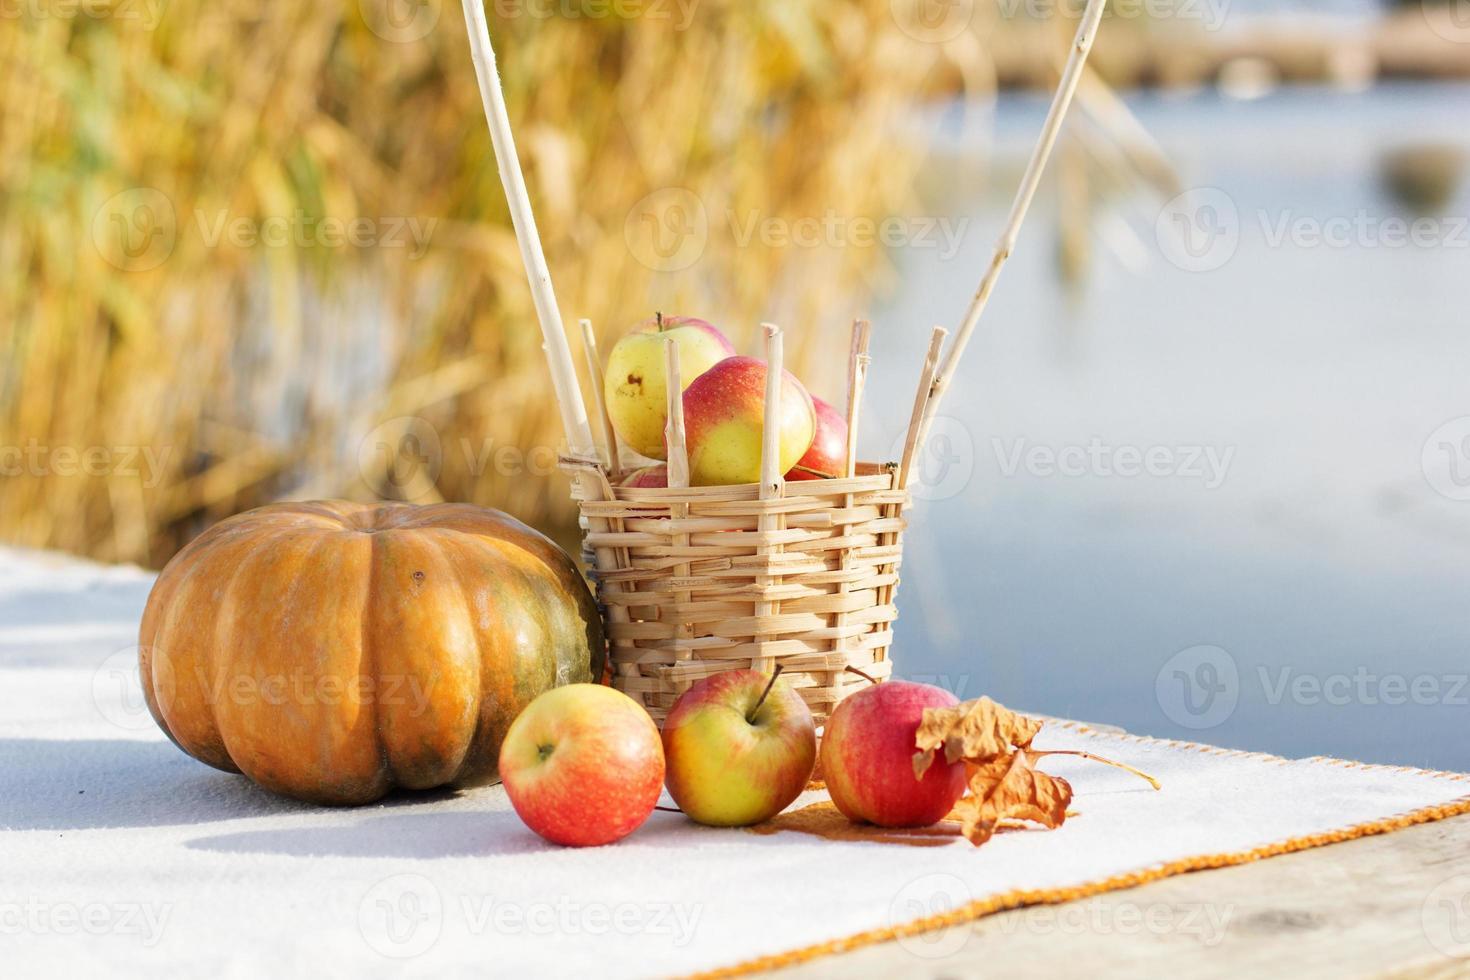 pompoen en mand met appels op tafel foto